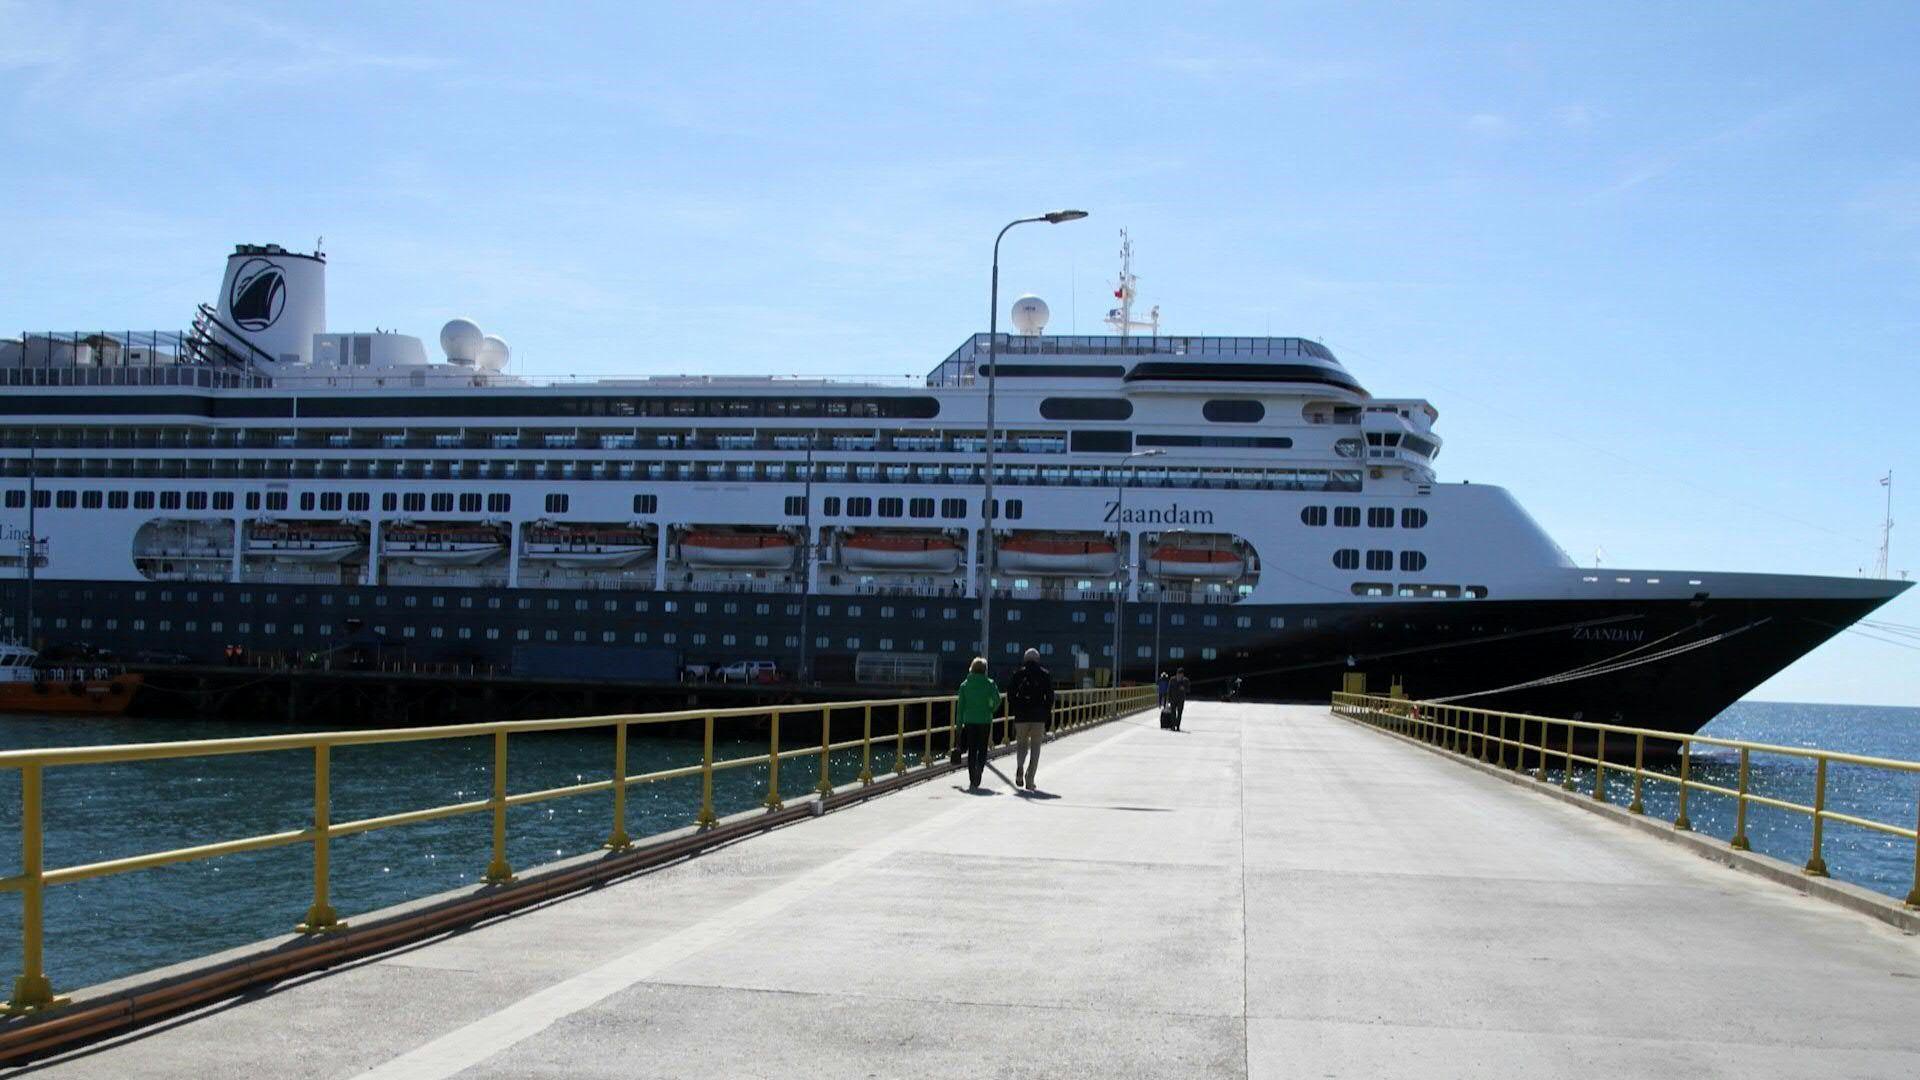 """Enclaustrados en su cabina del crucero Zaandam, los turistas franceses Françoise y su esposo Bernard, intentan mantener buen ánimo mientras ven que se cierran todos los puertos en su ruta por el Pacífico debido a la pandemia de coronavirus. """"Es un confinamiento extremo, nos sentimos un poco prisioneros"""", dicen."""